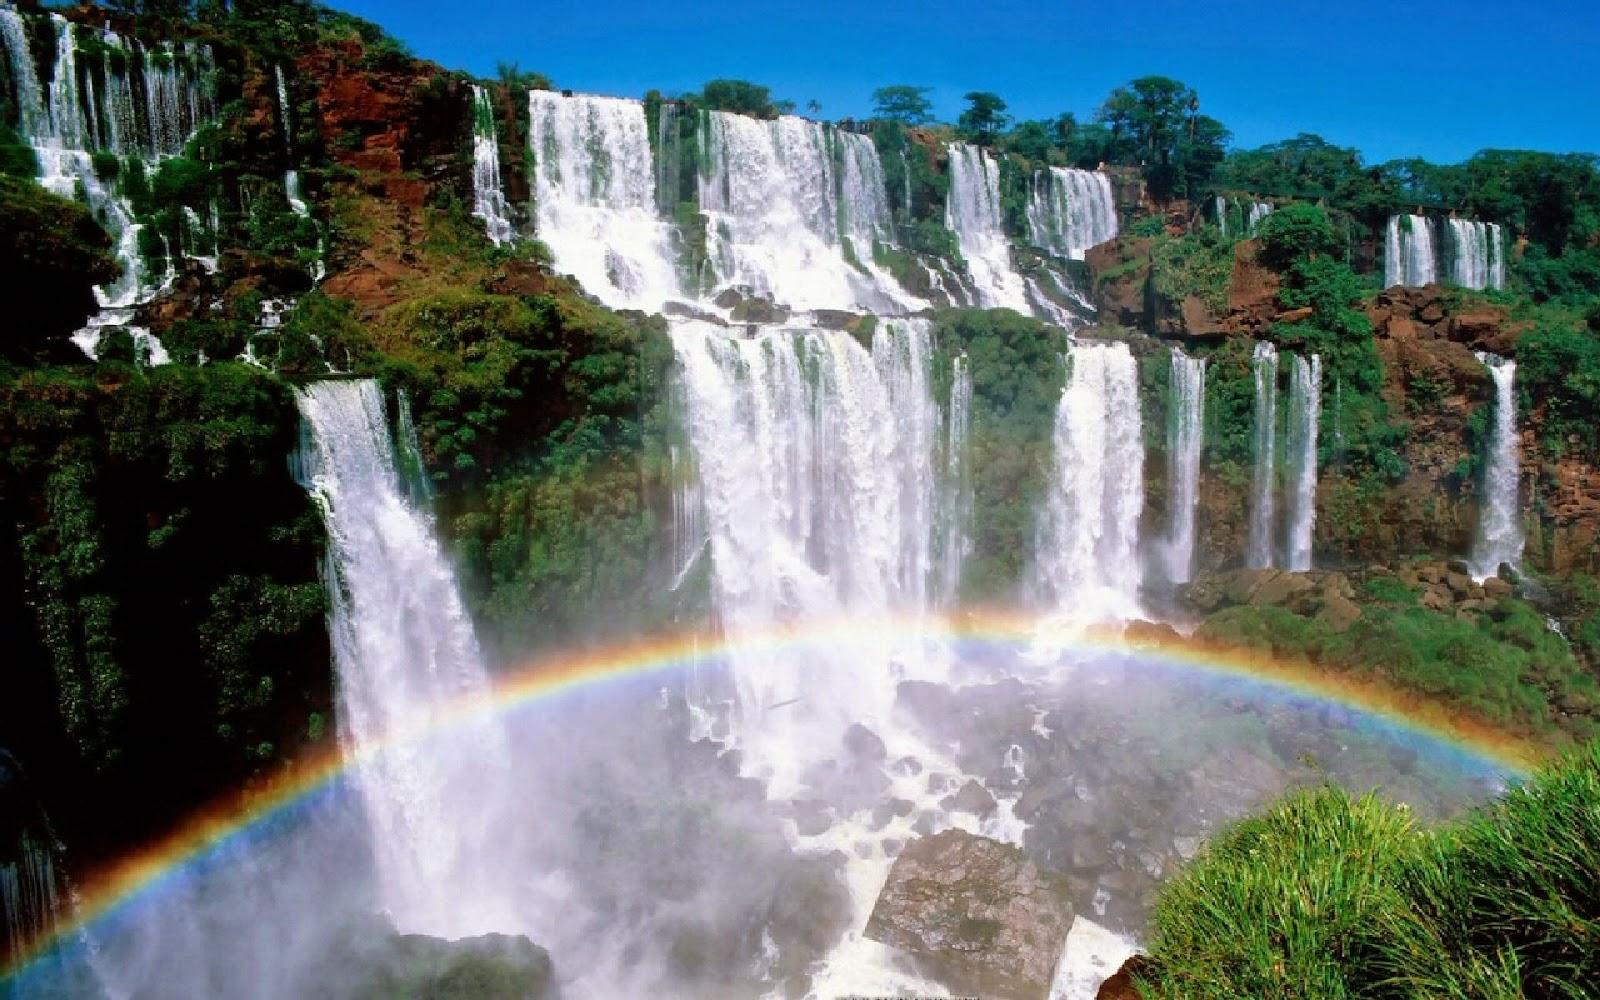 20 lugares que deberías visitar en Latinoamérica, Cataratas de Iguazú, Brasil y Argentina